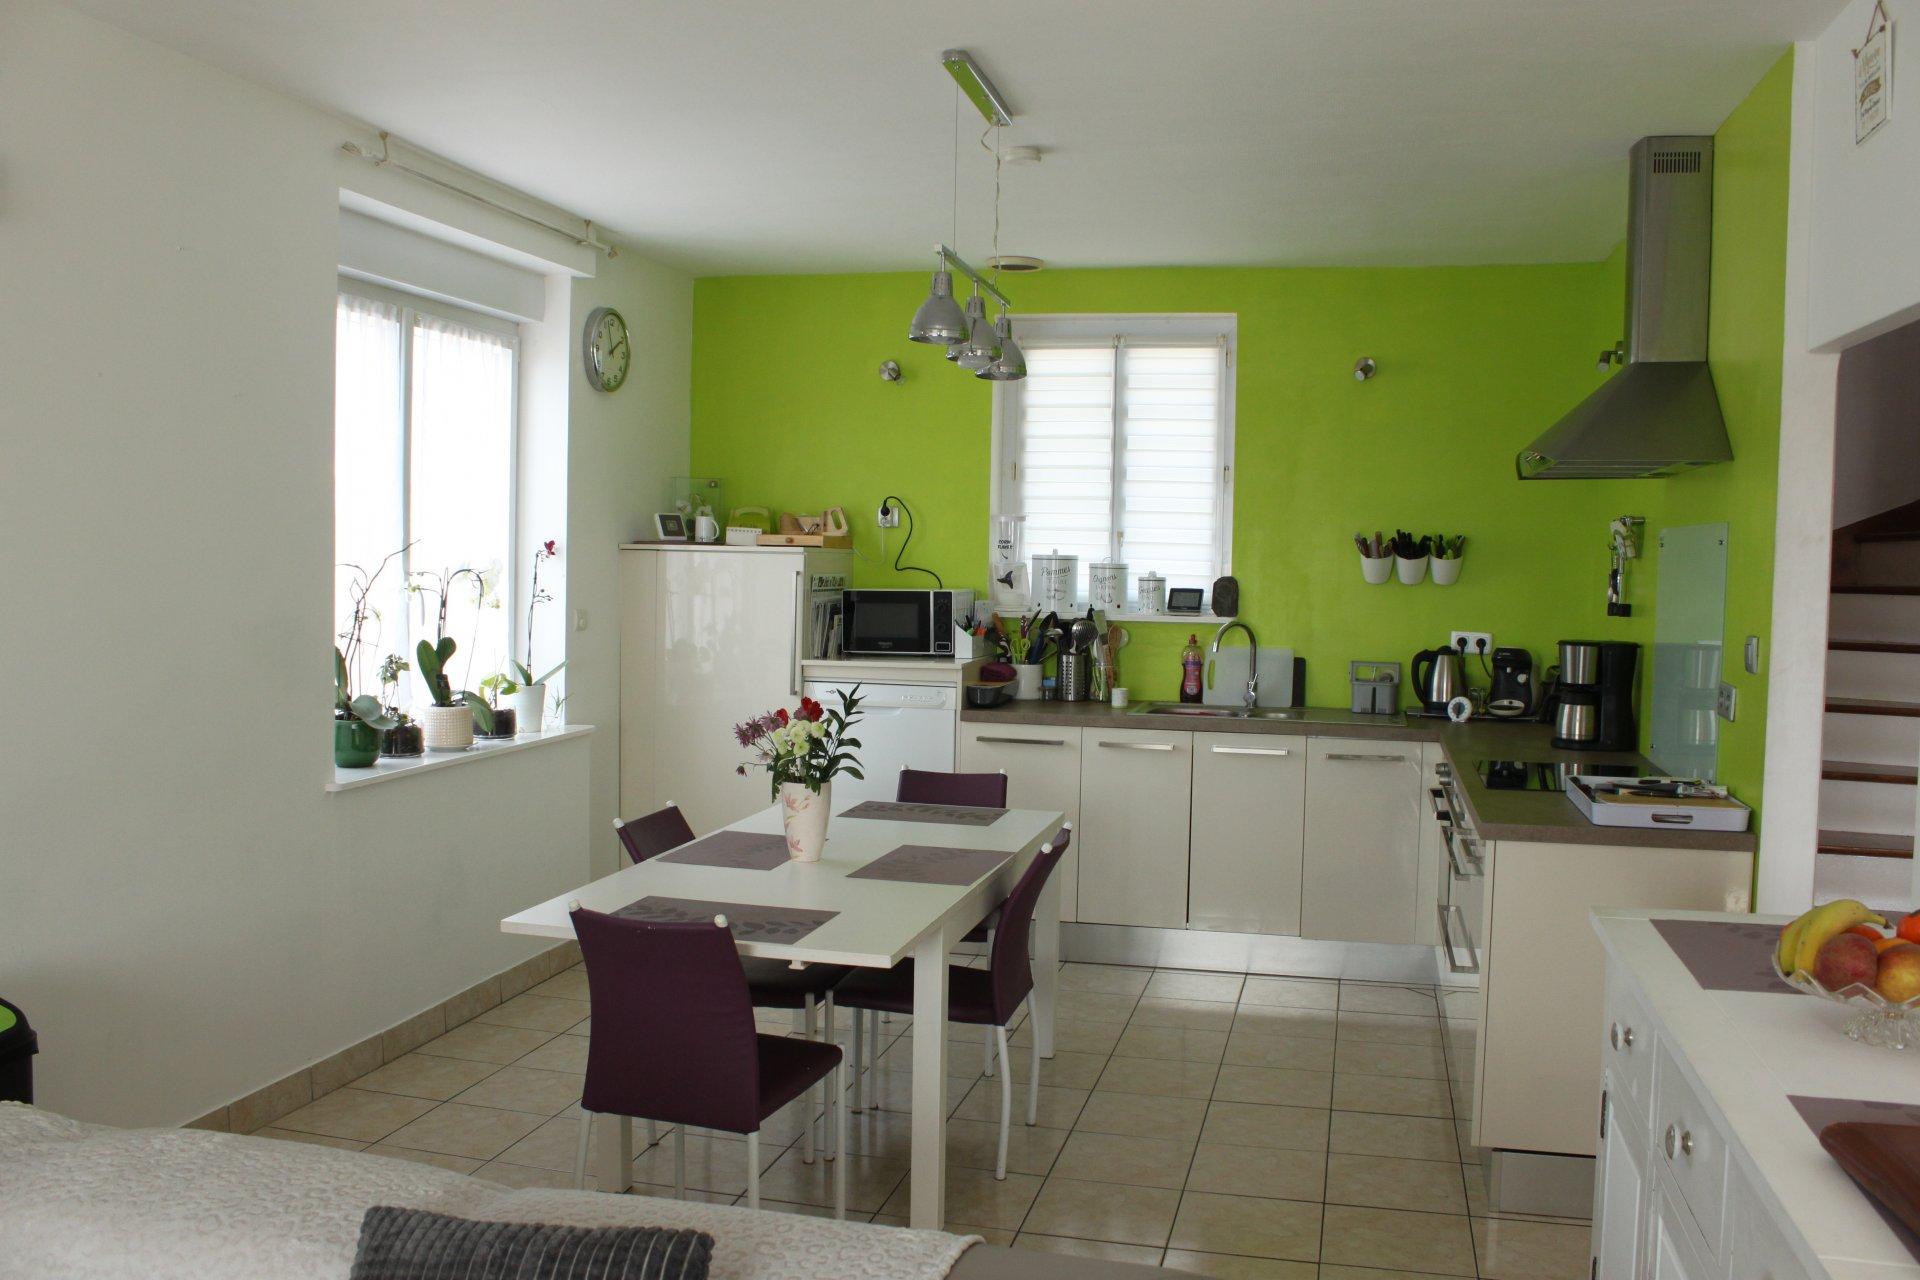 Maison 6 pièces 120m² - Landivisiau